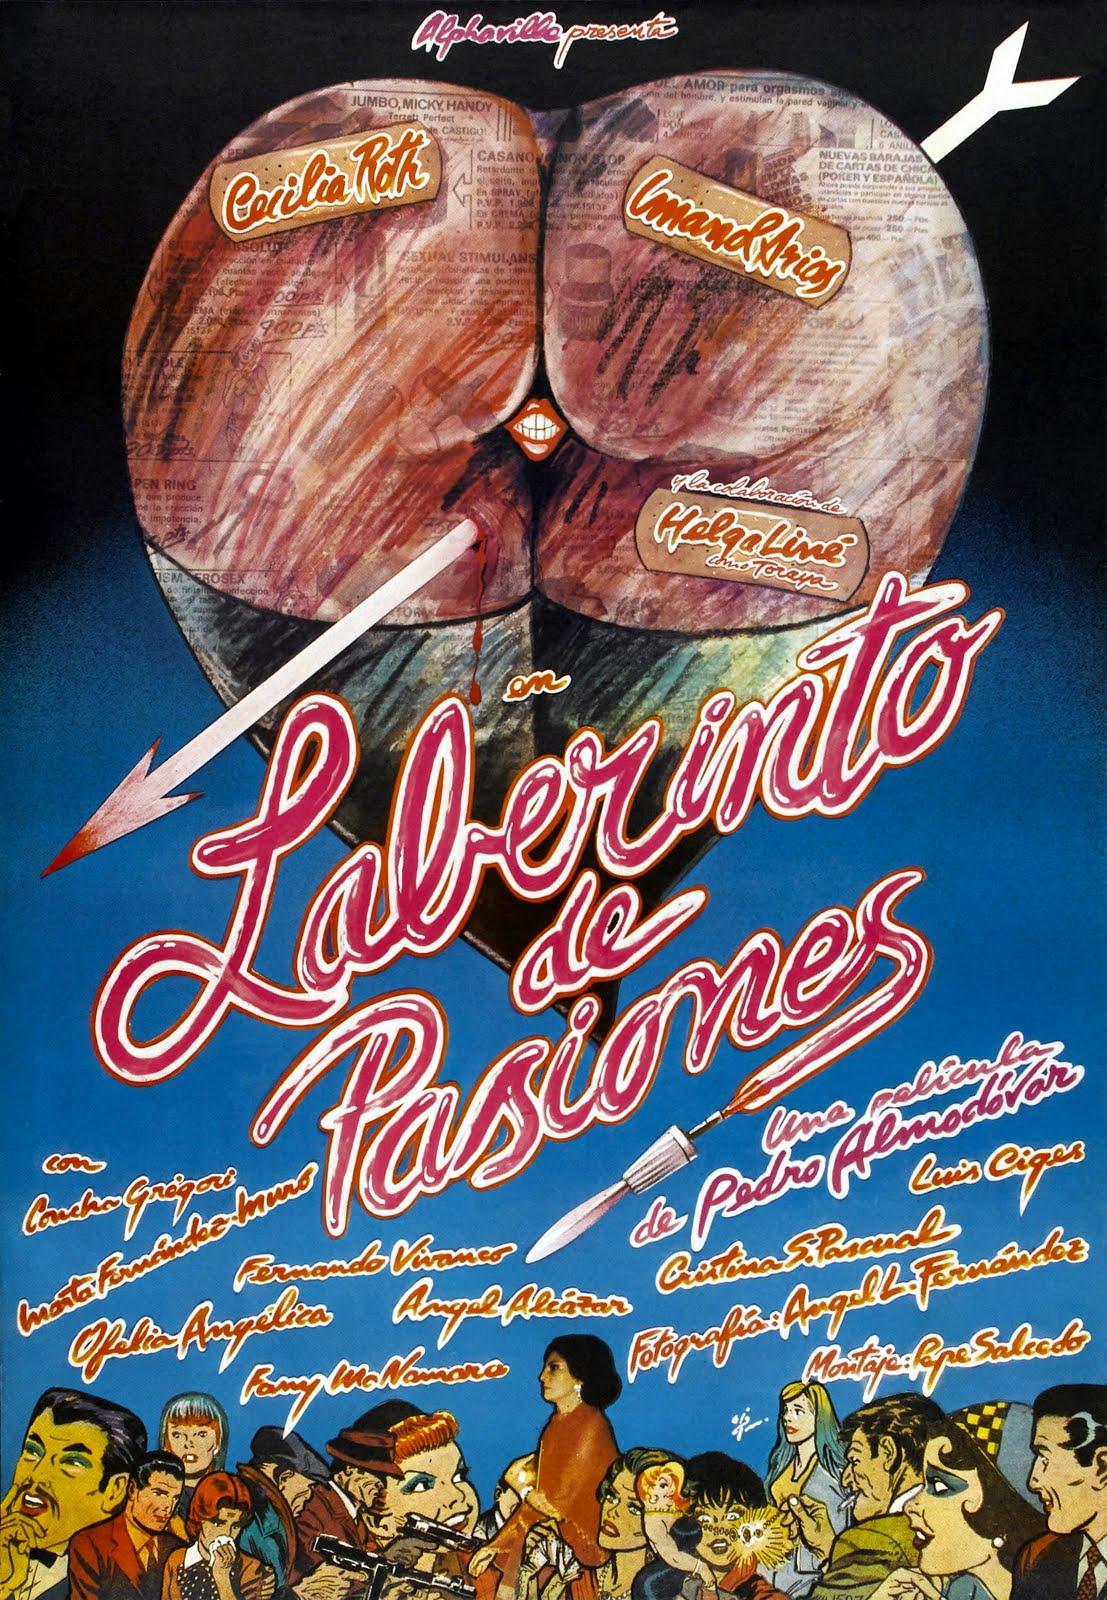 http://1.bp.blogspot.com/-Q51HhEtOib0/TlzCJQlJ-JI/AAAAAAAACqg/DD9XIJFZUmc/s1600/laberinto-de-pasiones.jpg